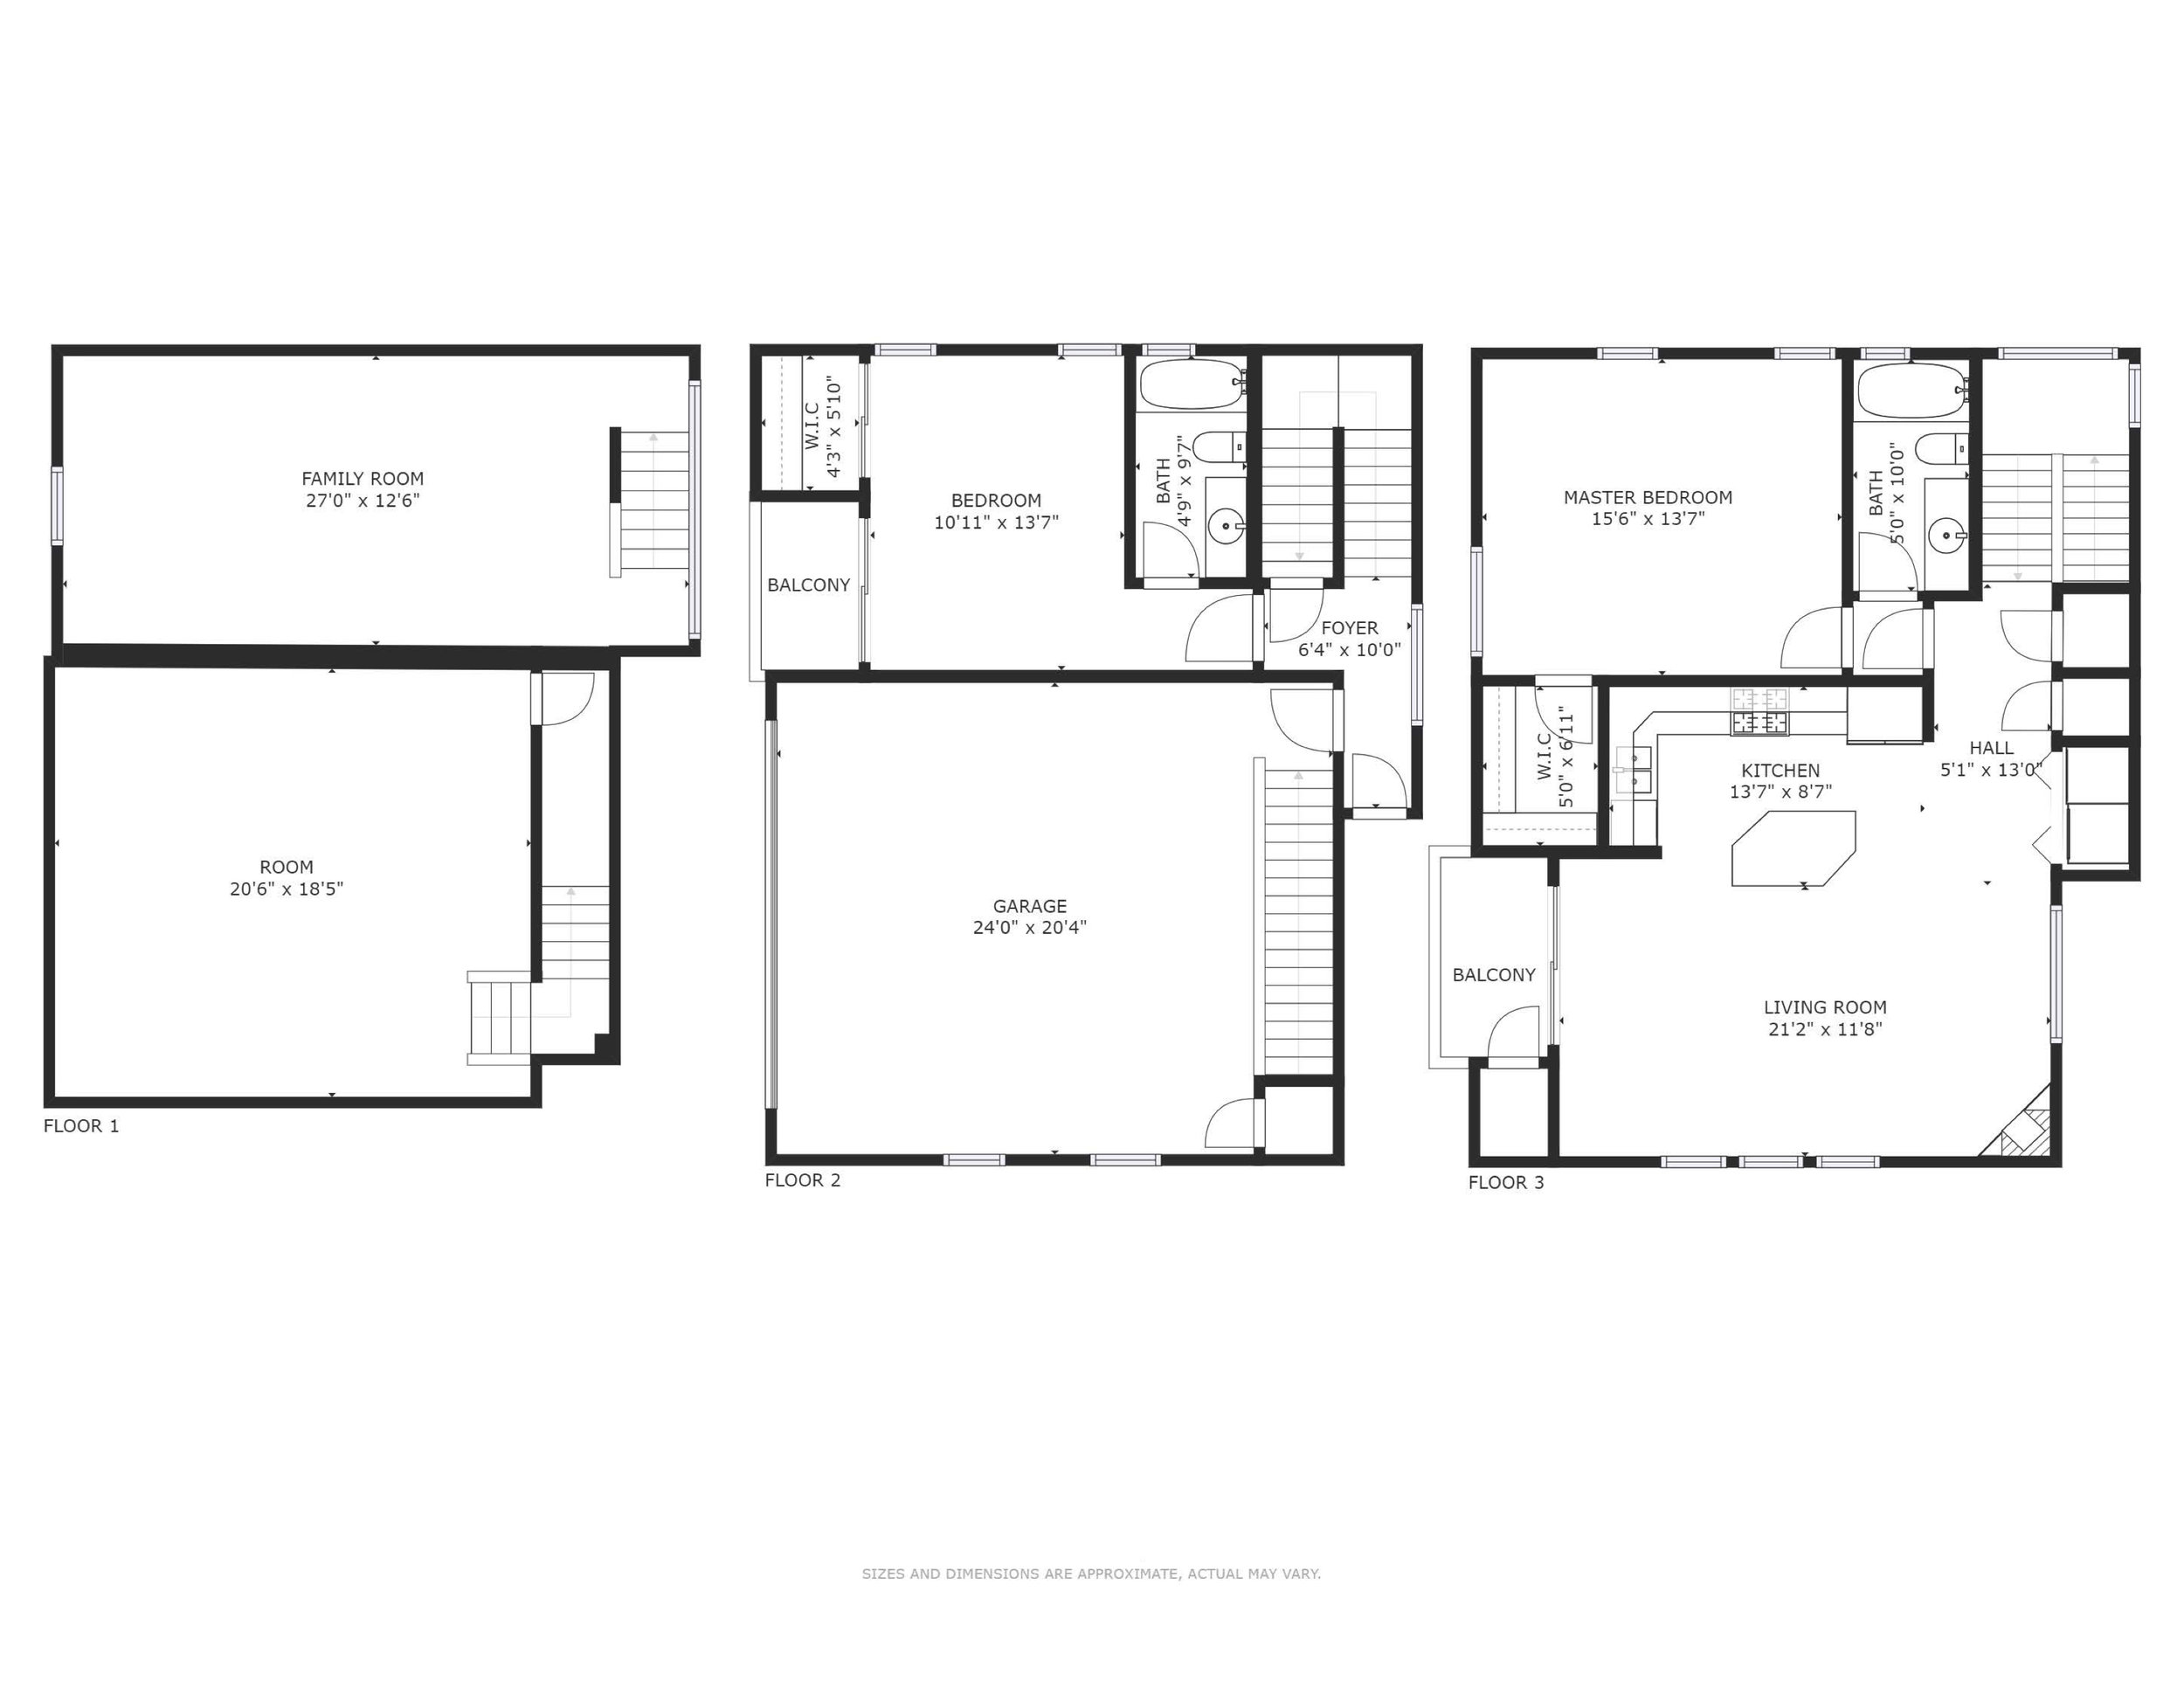 10048 Orange - floor plans.jpg